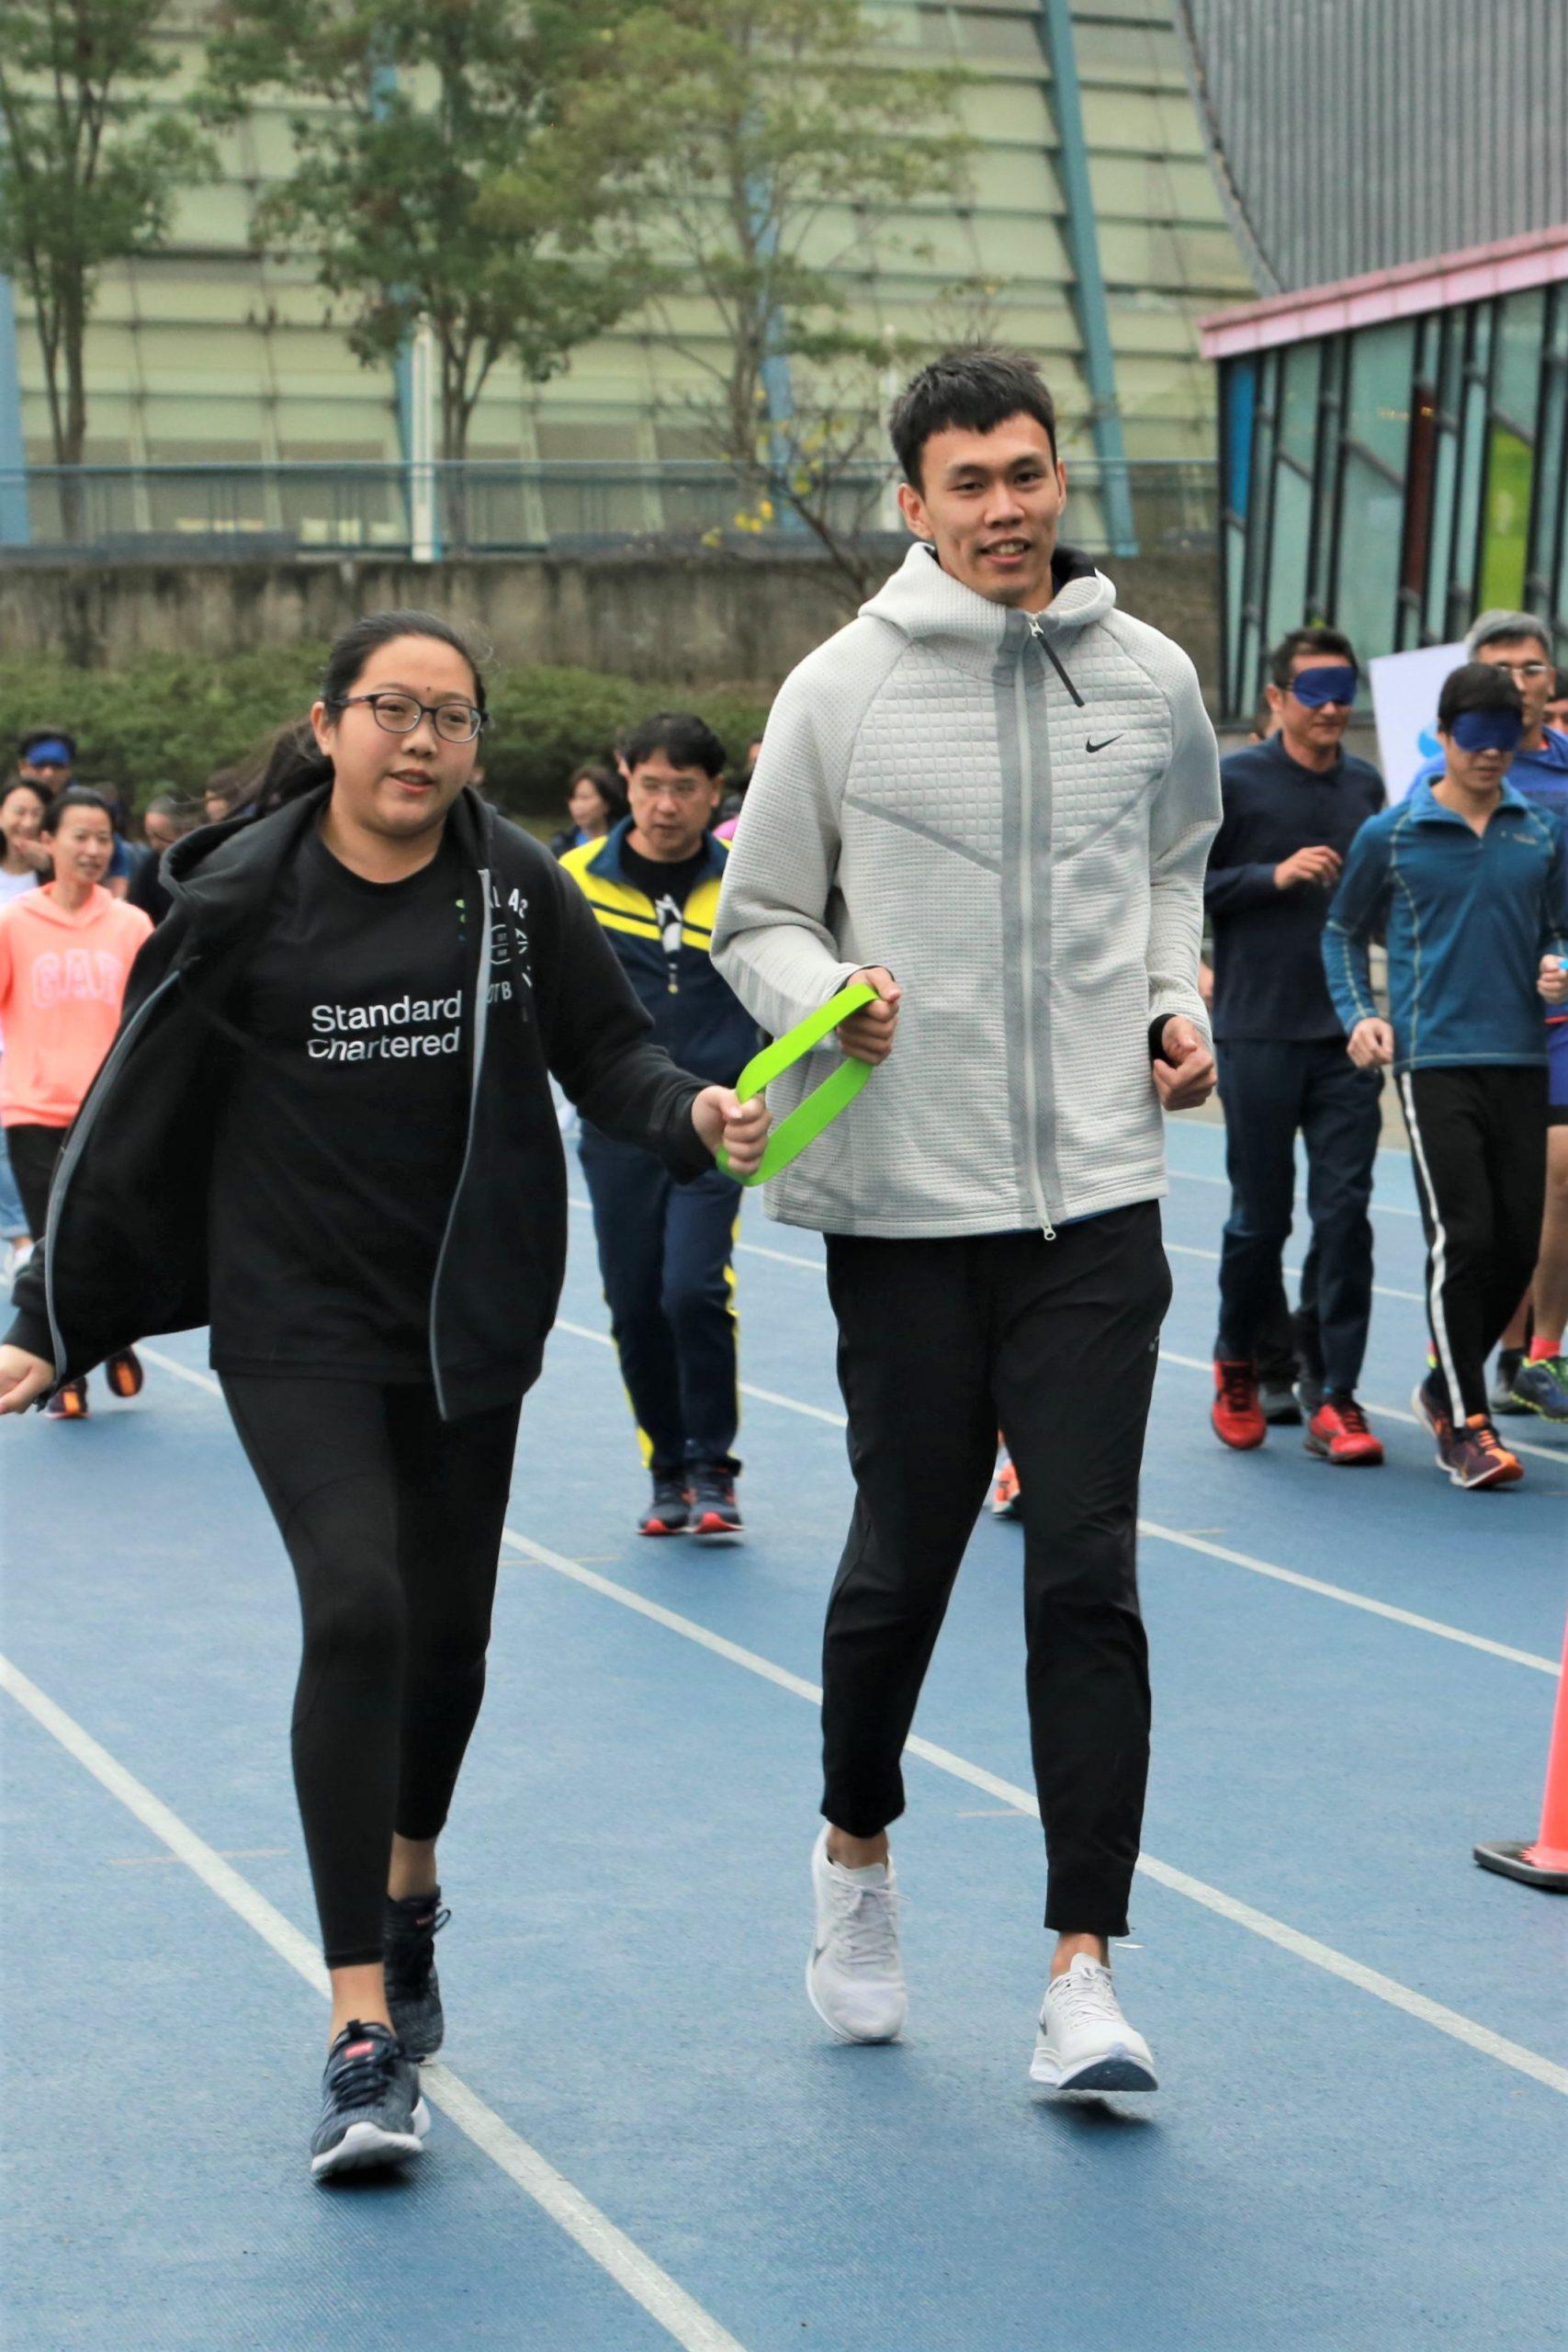 渣打臺北馬拉松陪跑員訓練營 陳奎儒人生首次盲跨